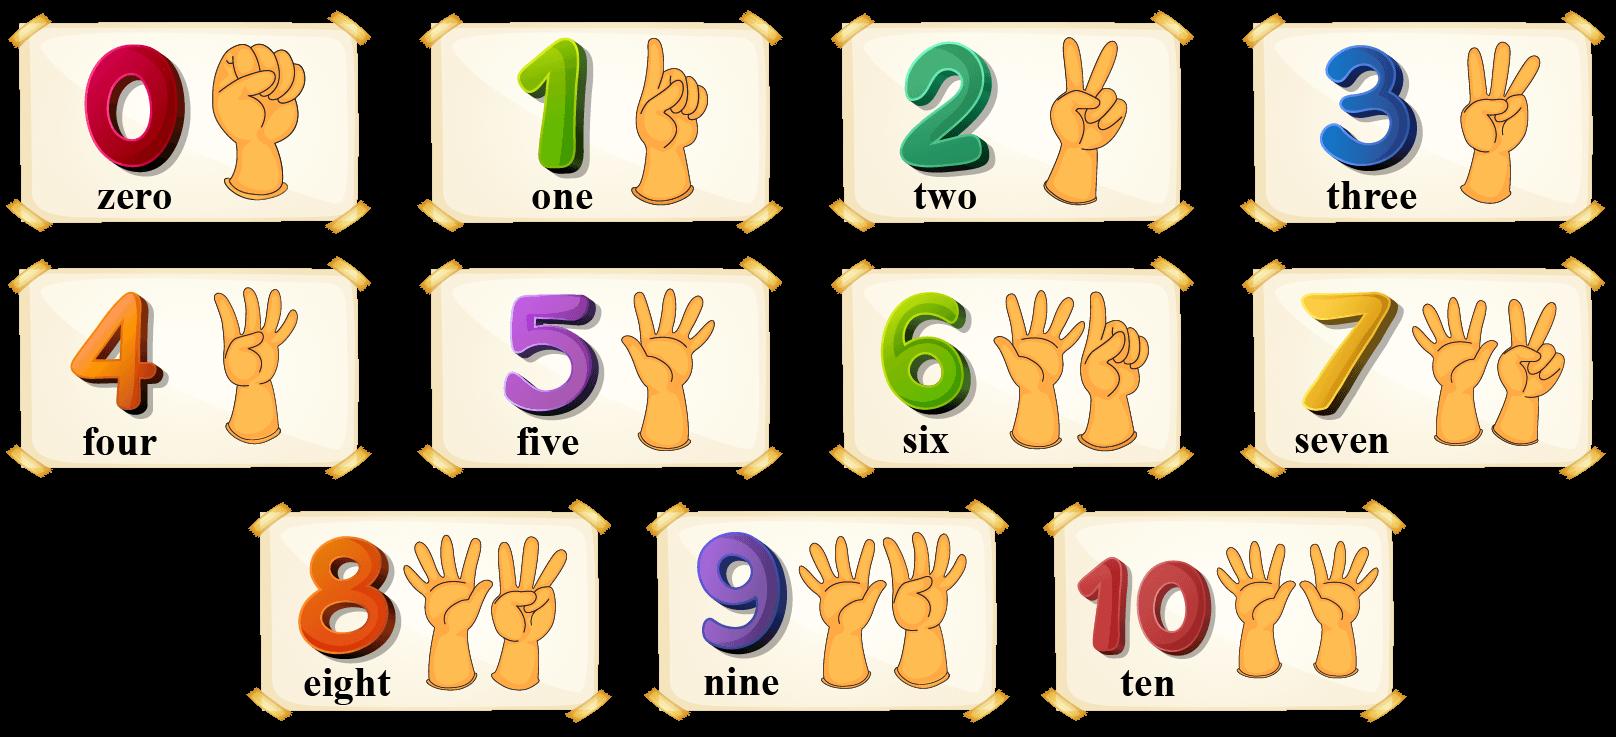 number names- kindergarten math assignments, activities